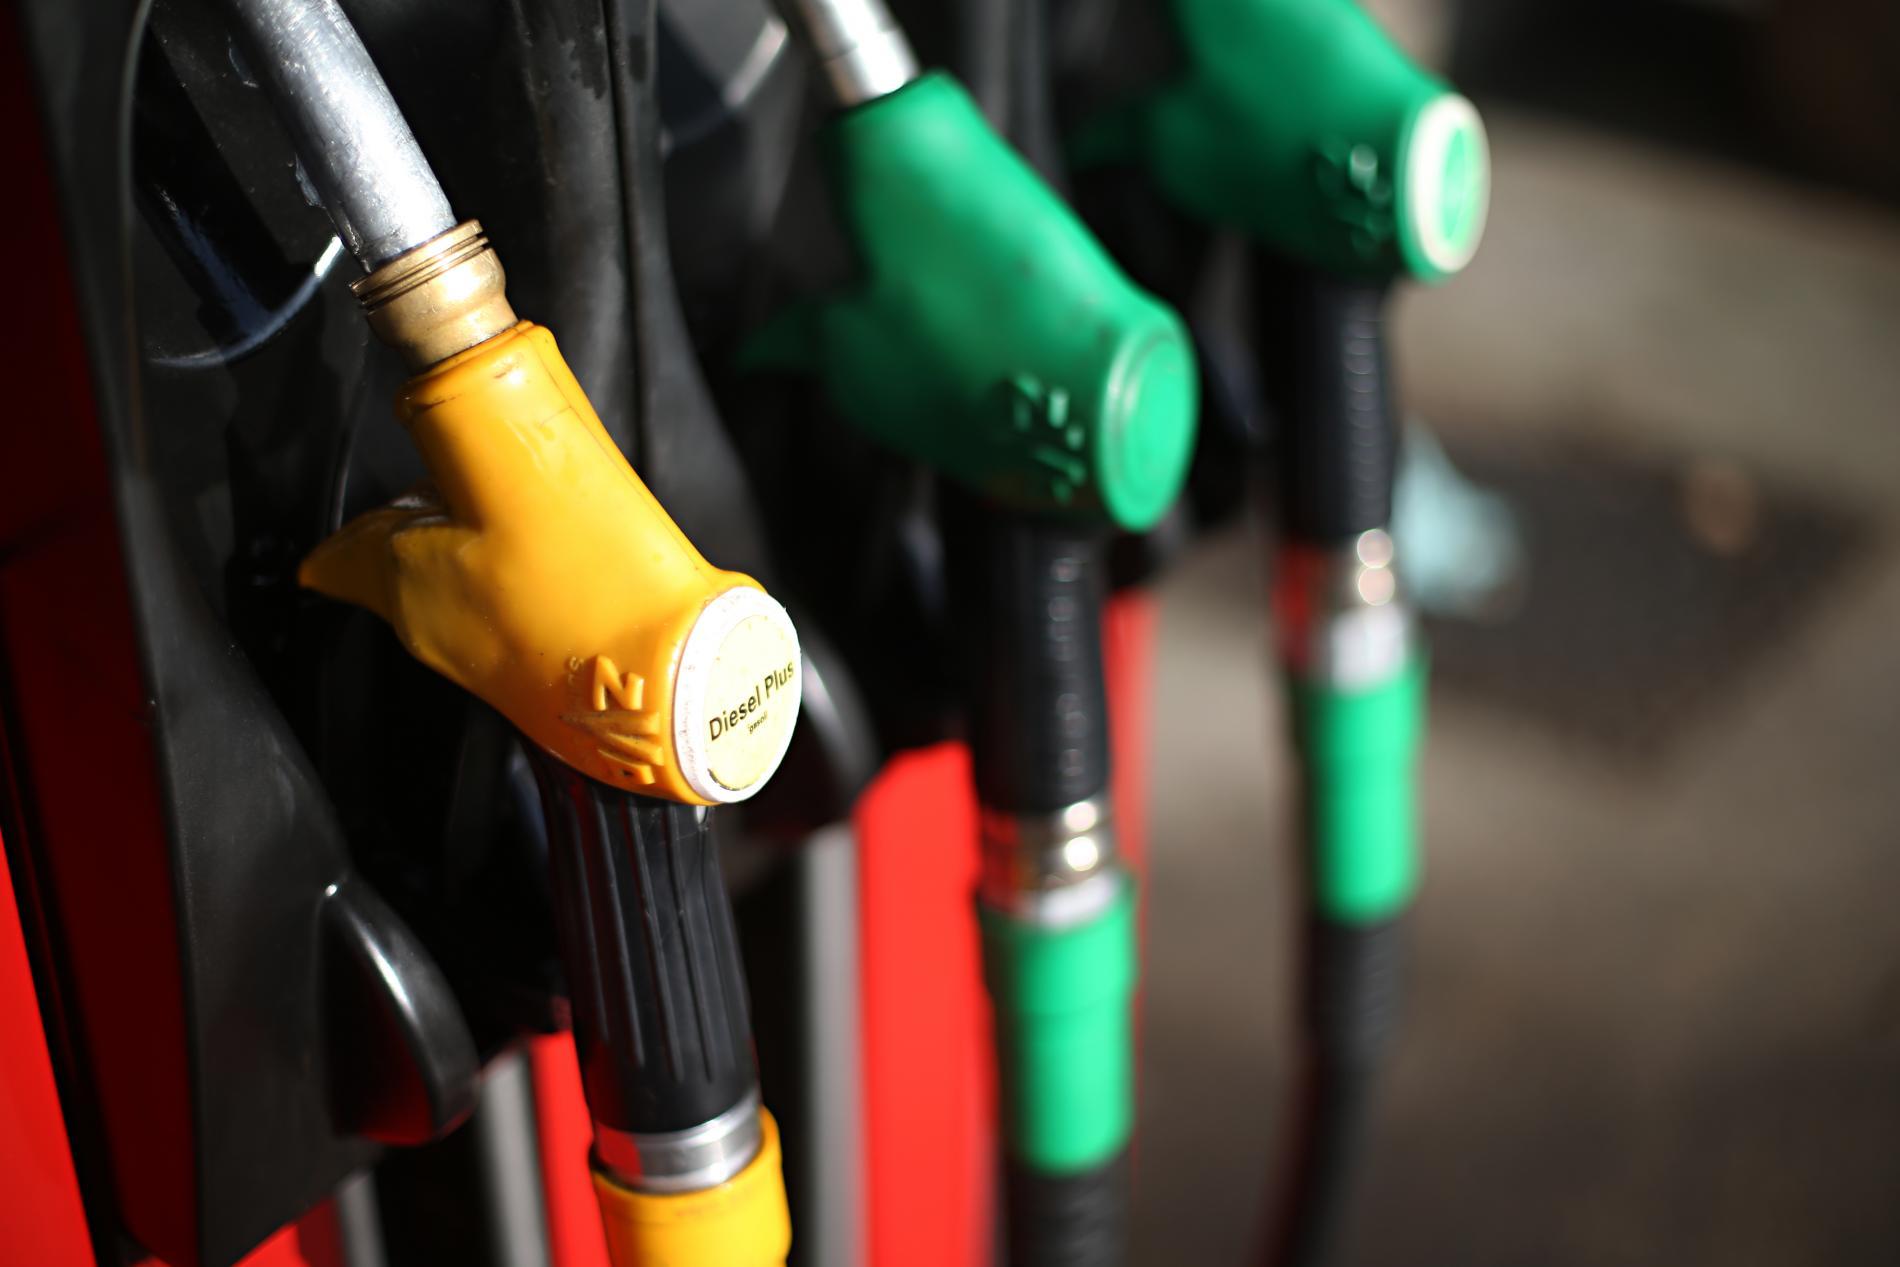 Les prix à la pompe continuent de baisser, profitant de la baisse des cours du pétrole.